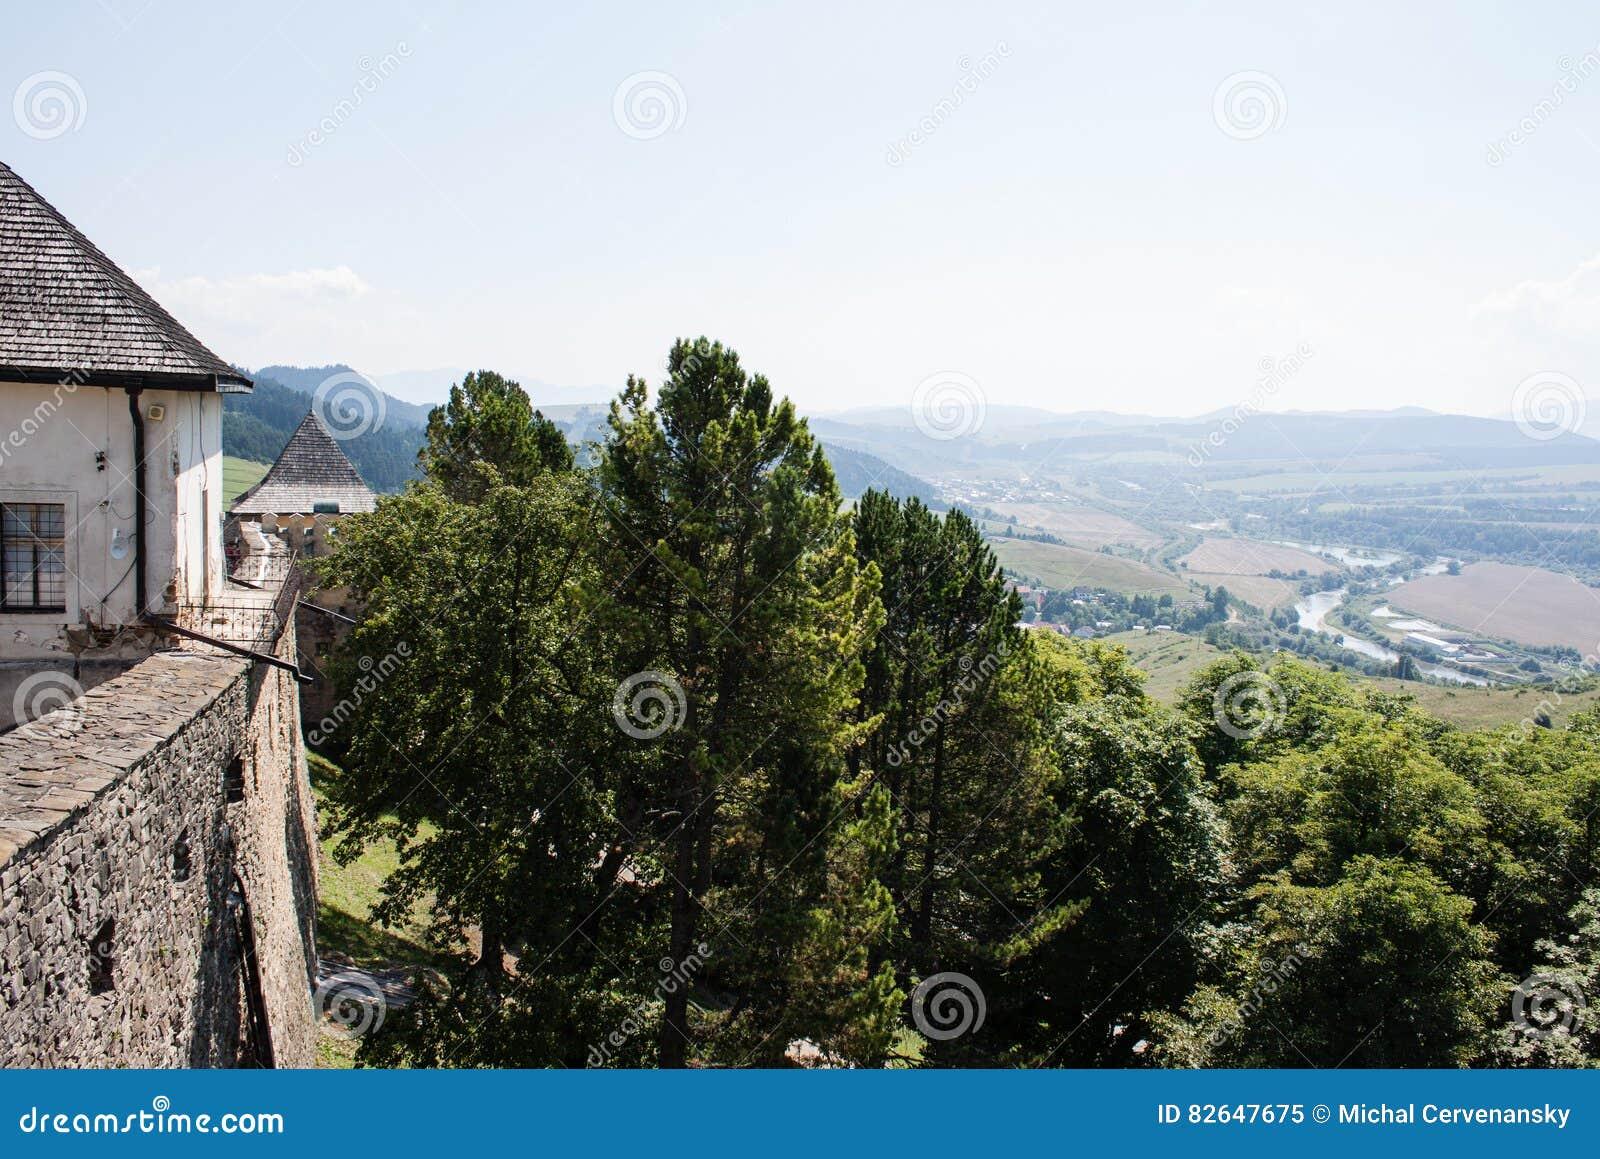 Schöne Ansicht vom Schlossturm des Tales zweitens